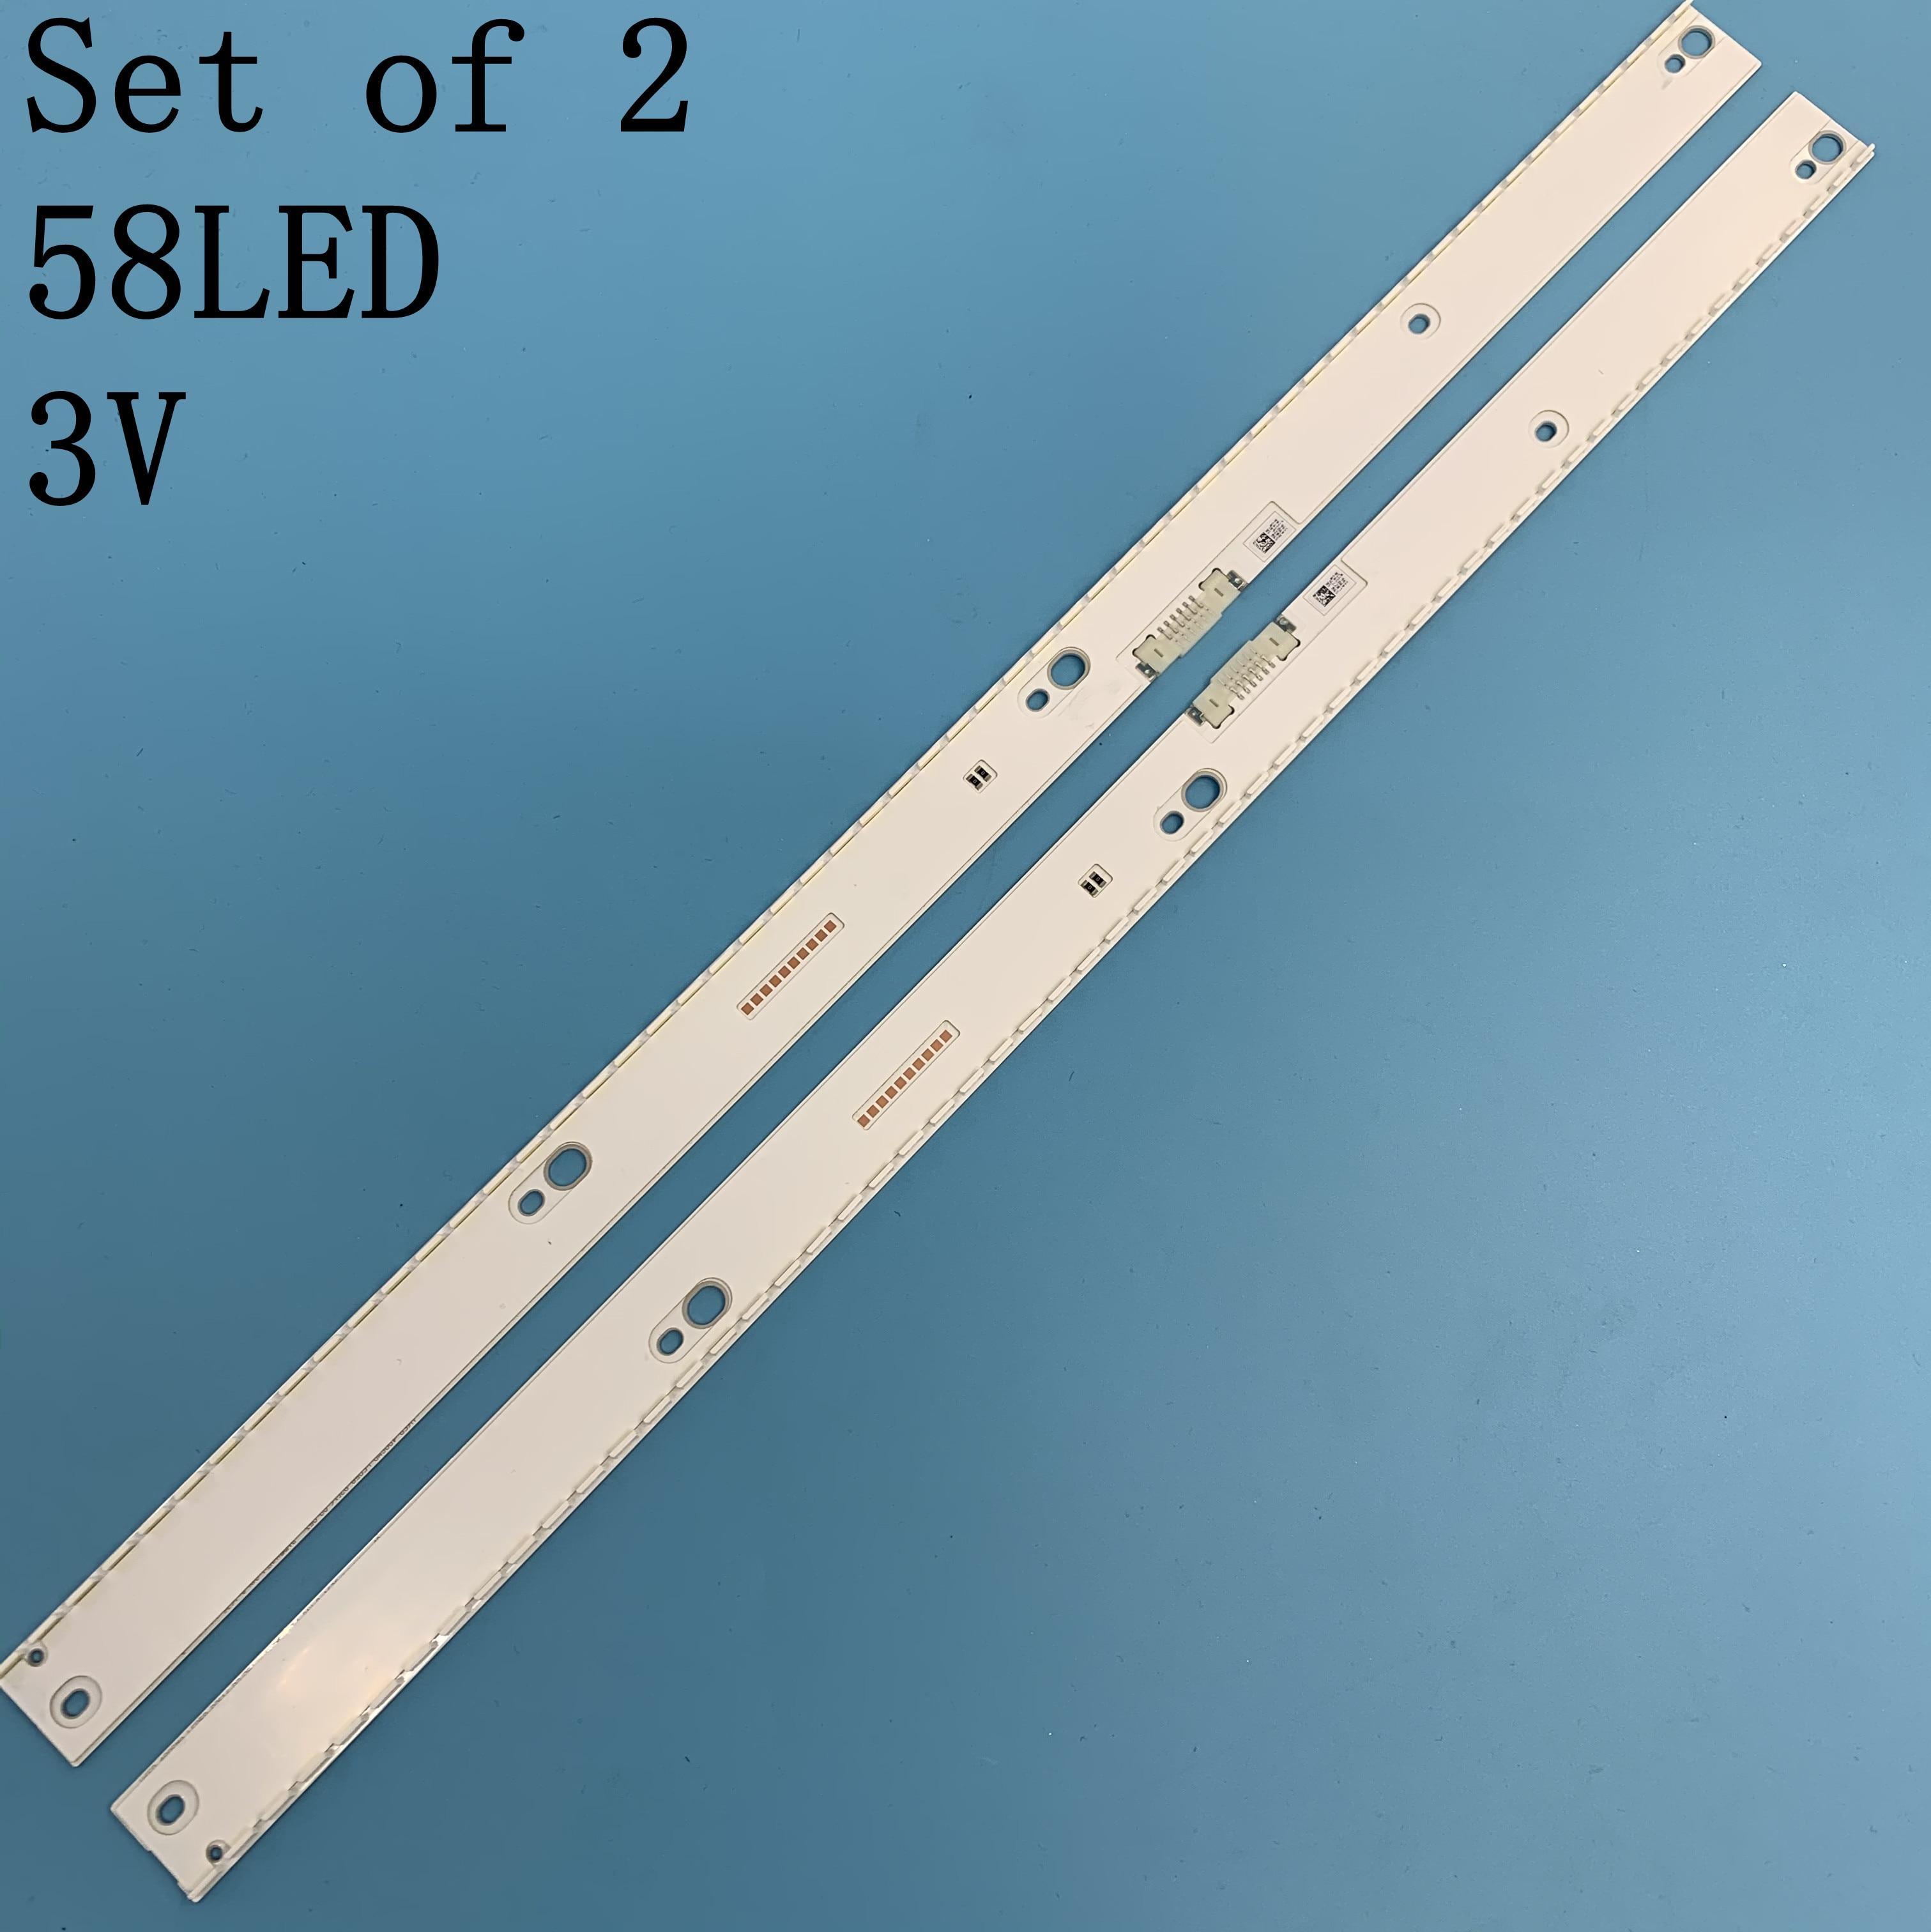 LED Backlight Strip BN96-39673A BN96-39674A For Samsung 49'' TV UE49MU6470 UE49MU6400 UE49KU6510 UE49KU6500 UN49MU7100